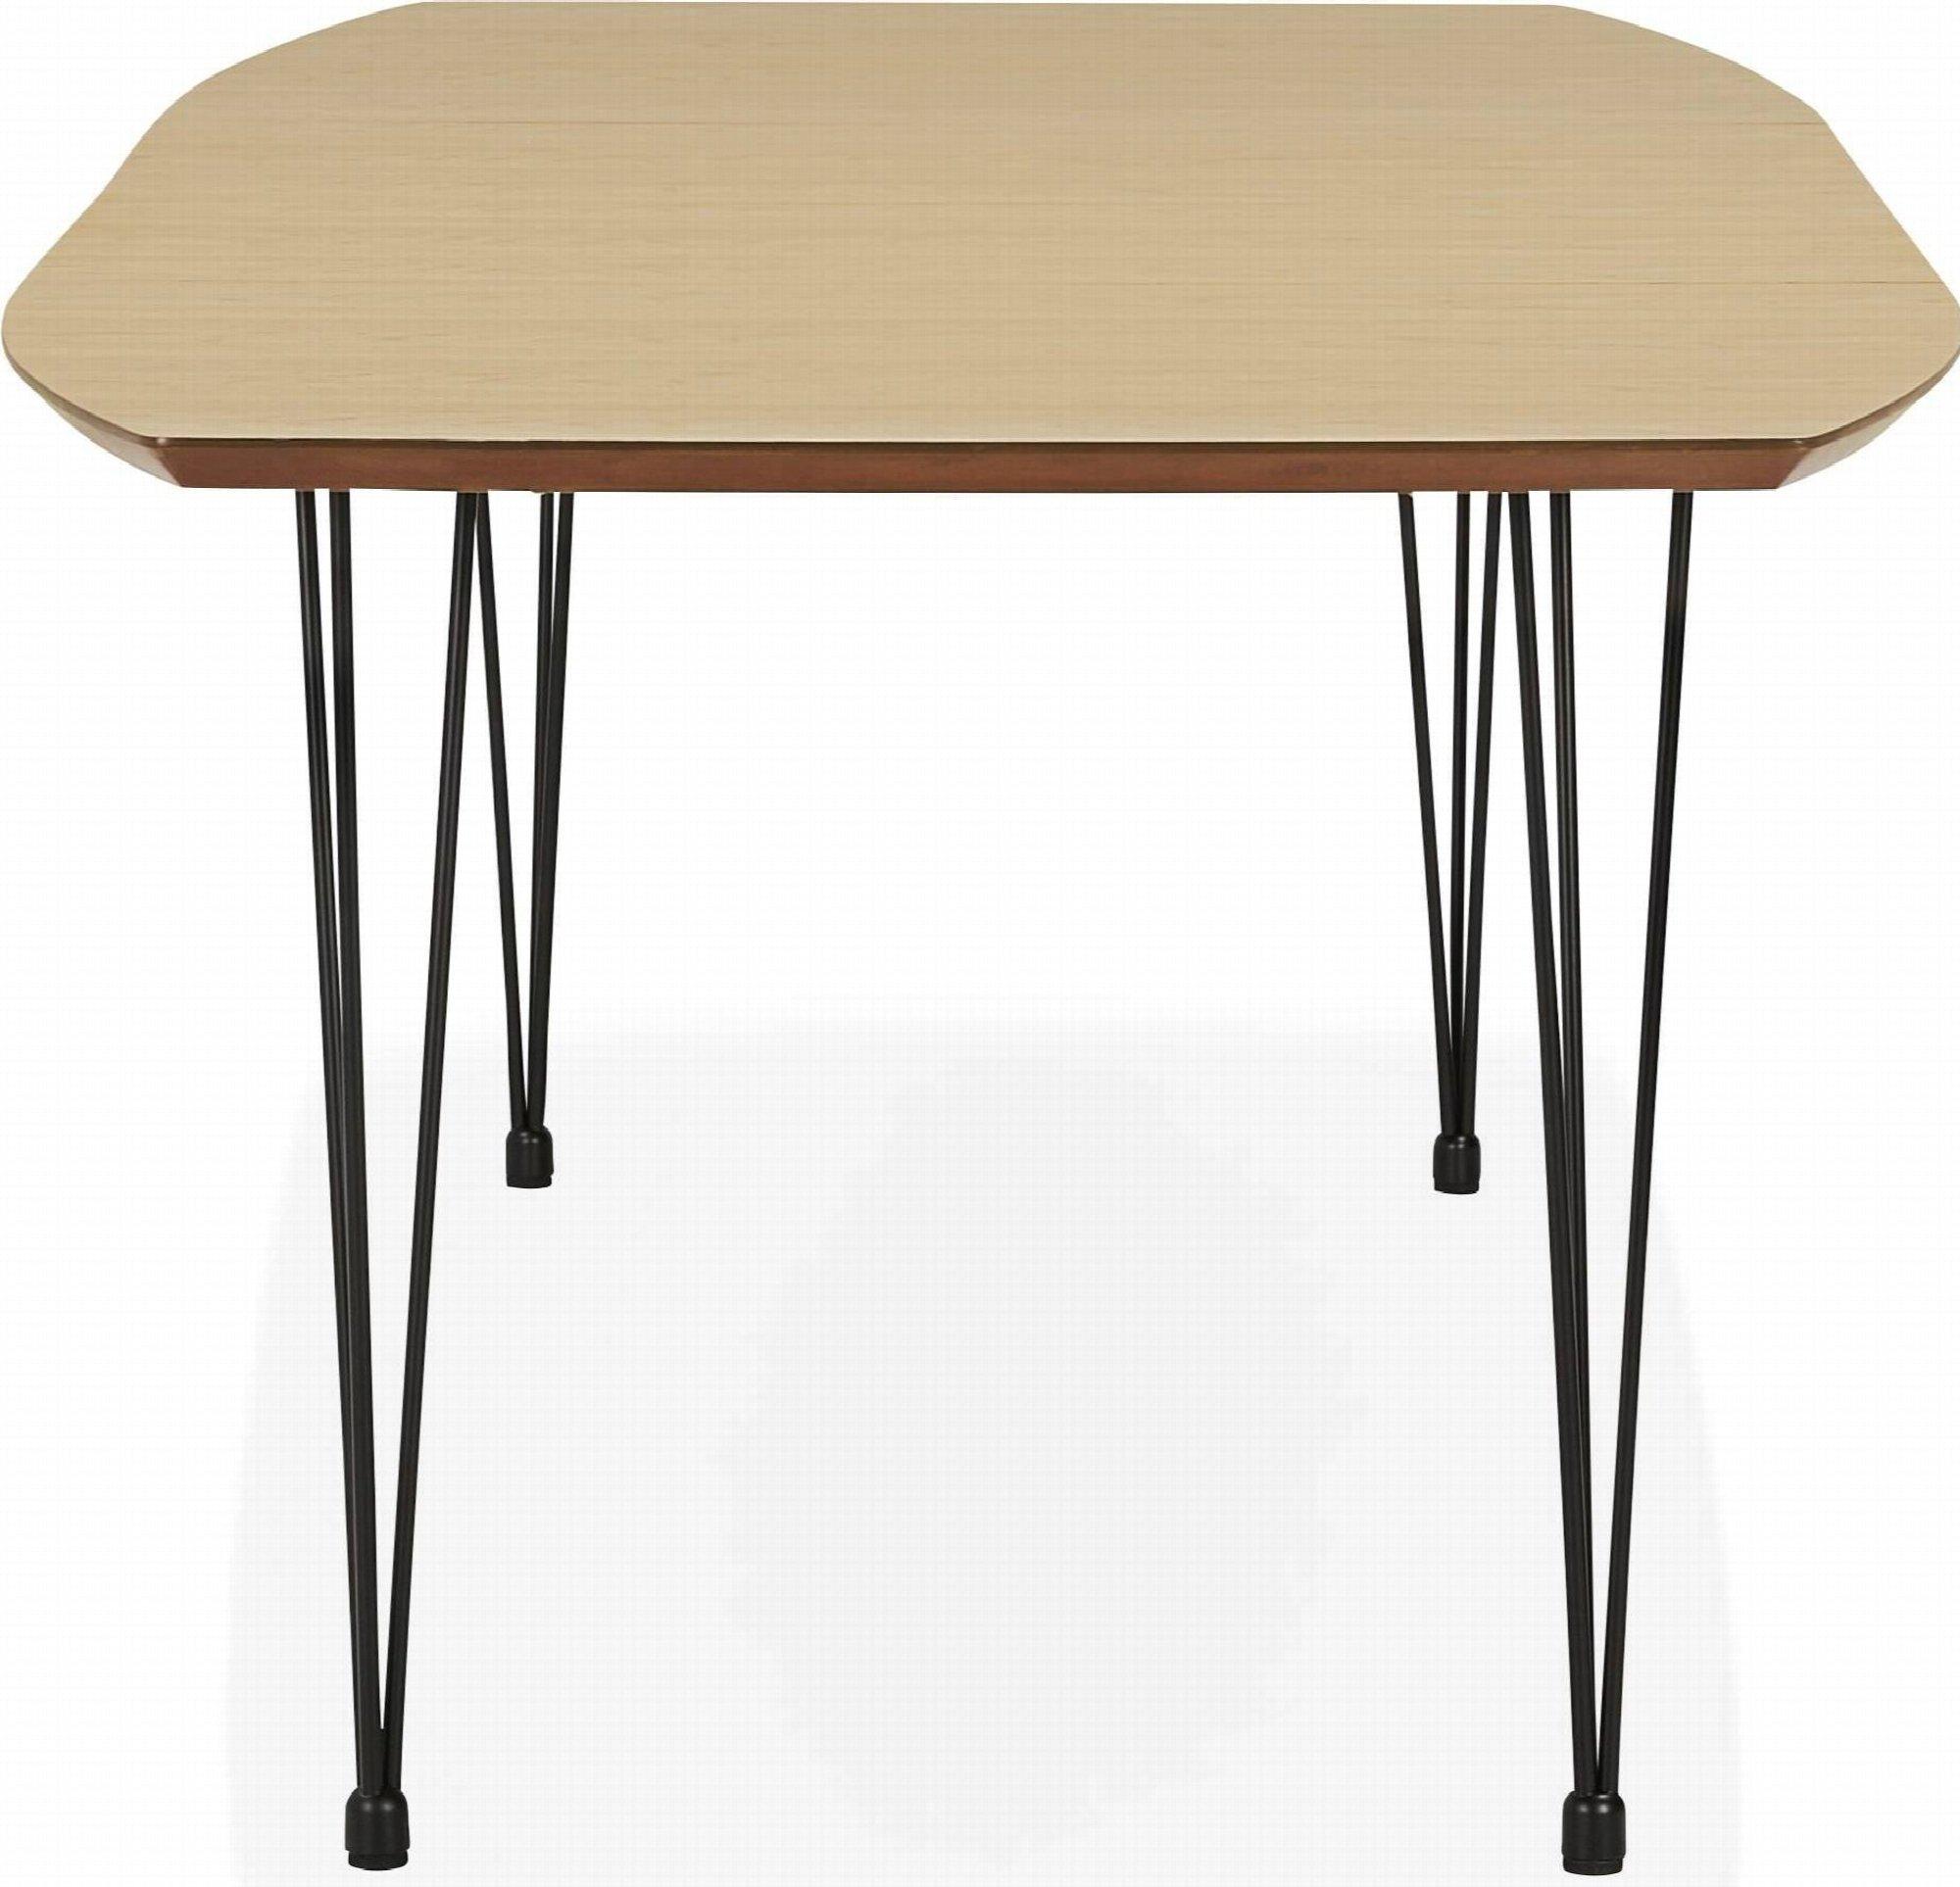 Table à manger plateau bois clair 10 places l270cm